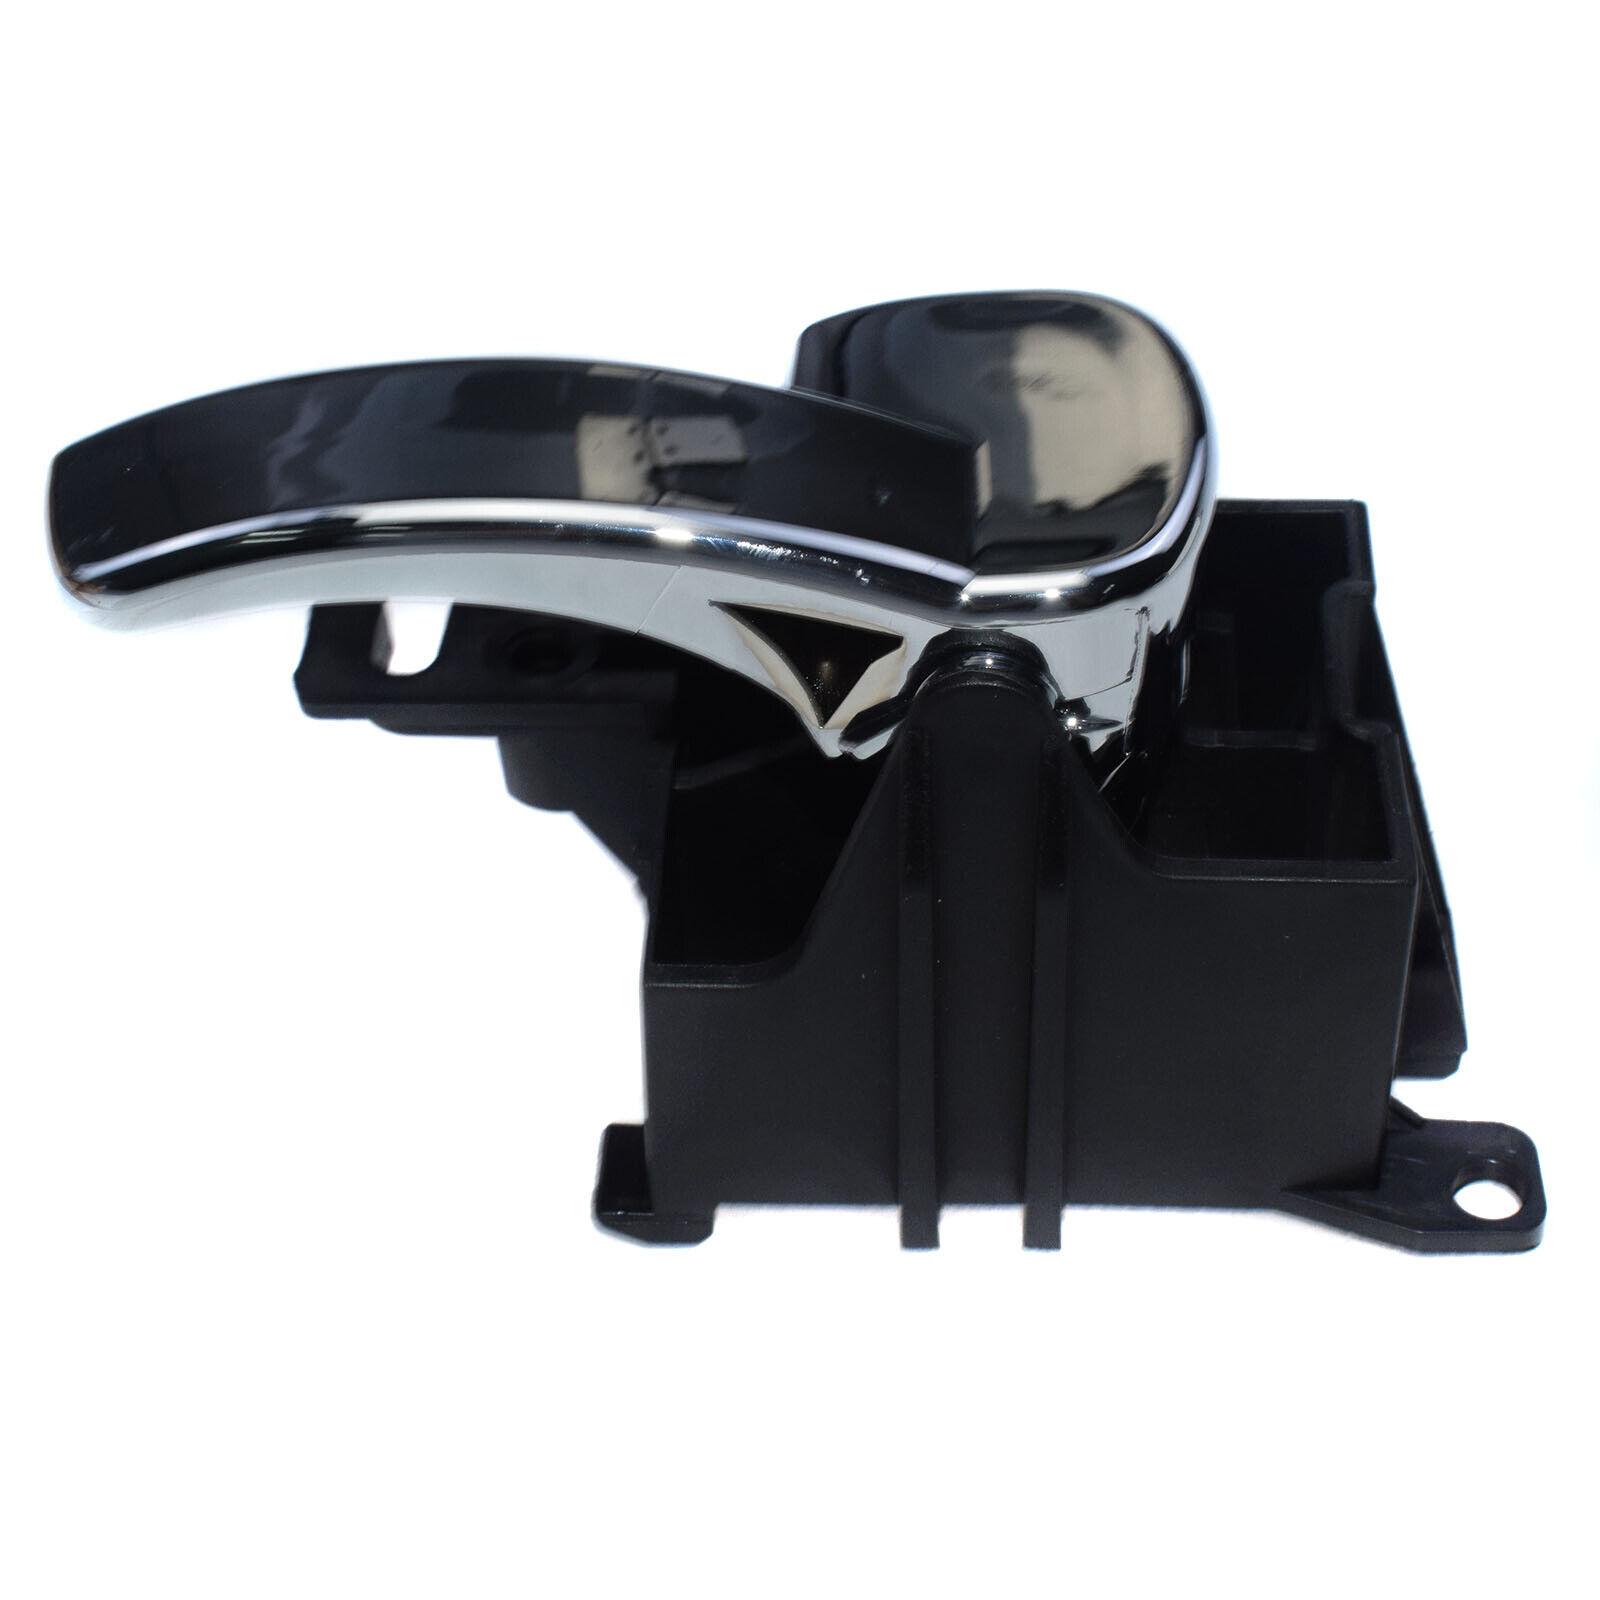 R51 For Nissan PATHFINDER Left Lock System Inner Door Handle 2005-806714X02B